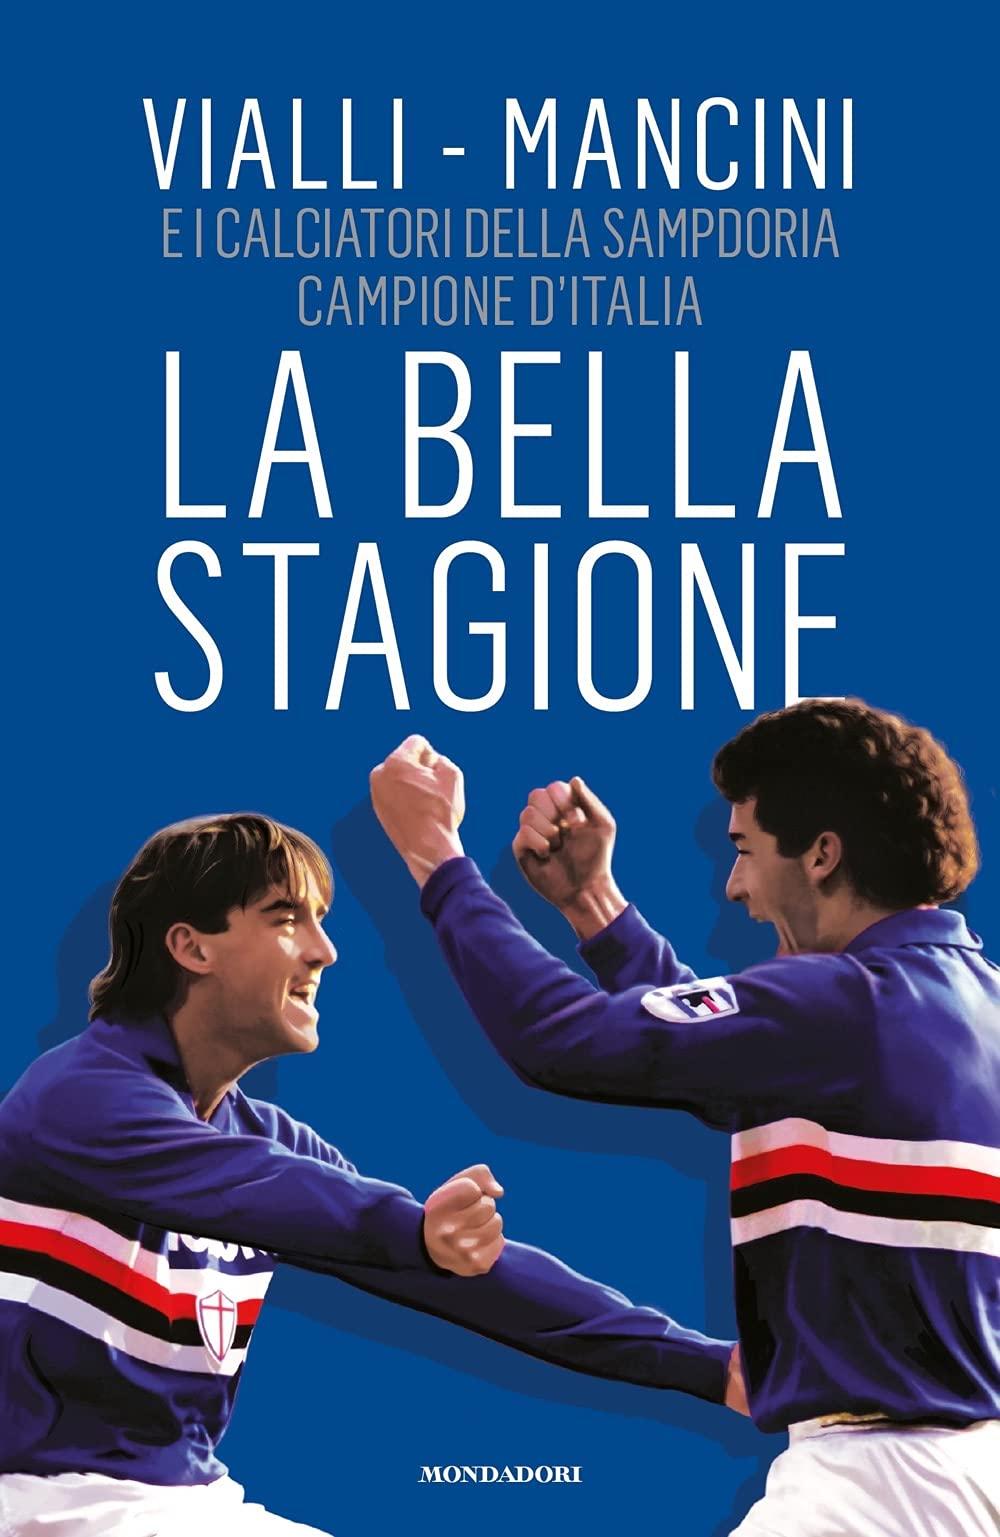 Amazon.it: La bella stagione - Vialli, Gianluca, Mancini, Roberto, Baccalario, Domenico, Prosperi, Massimo - Libri